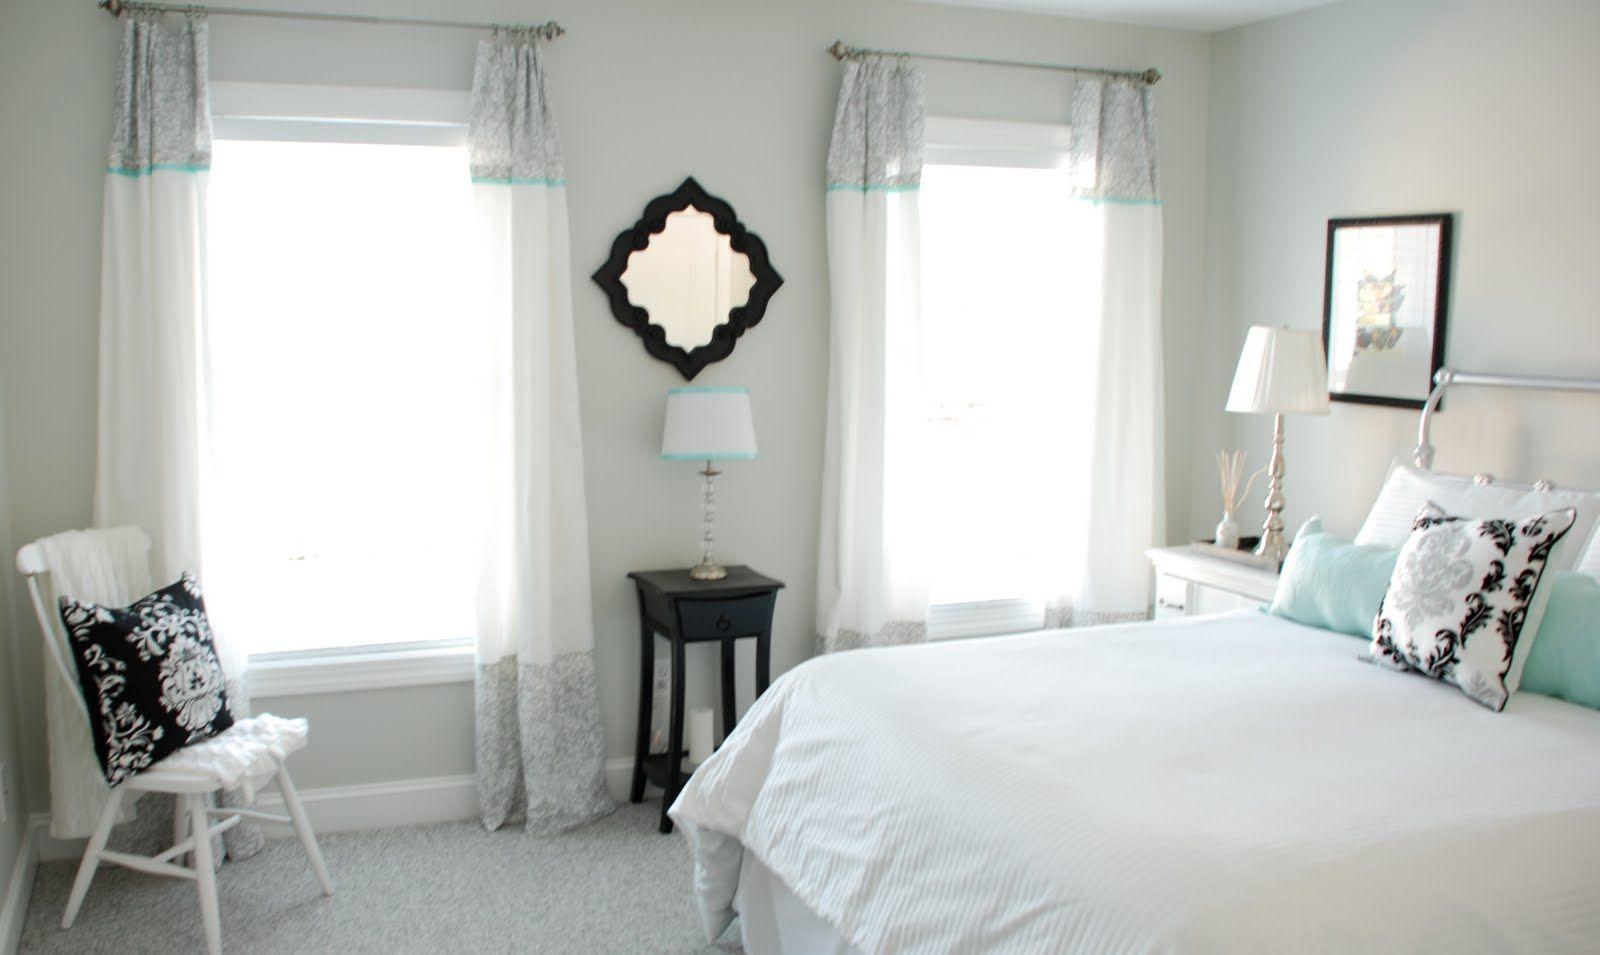 New kitchen color benjamin moore moonshine benjamin for Design your own room benjamin moore